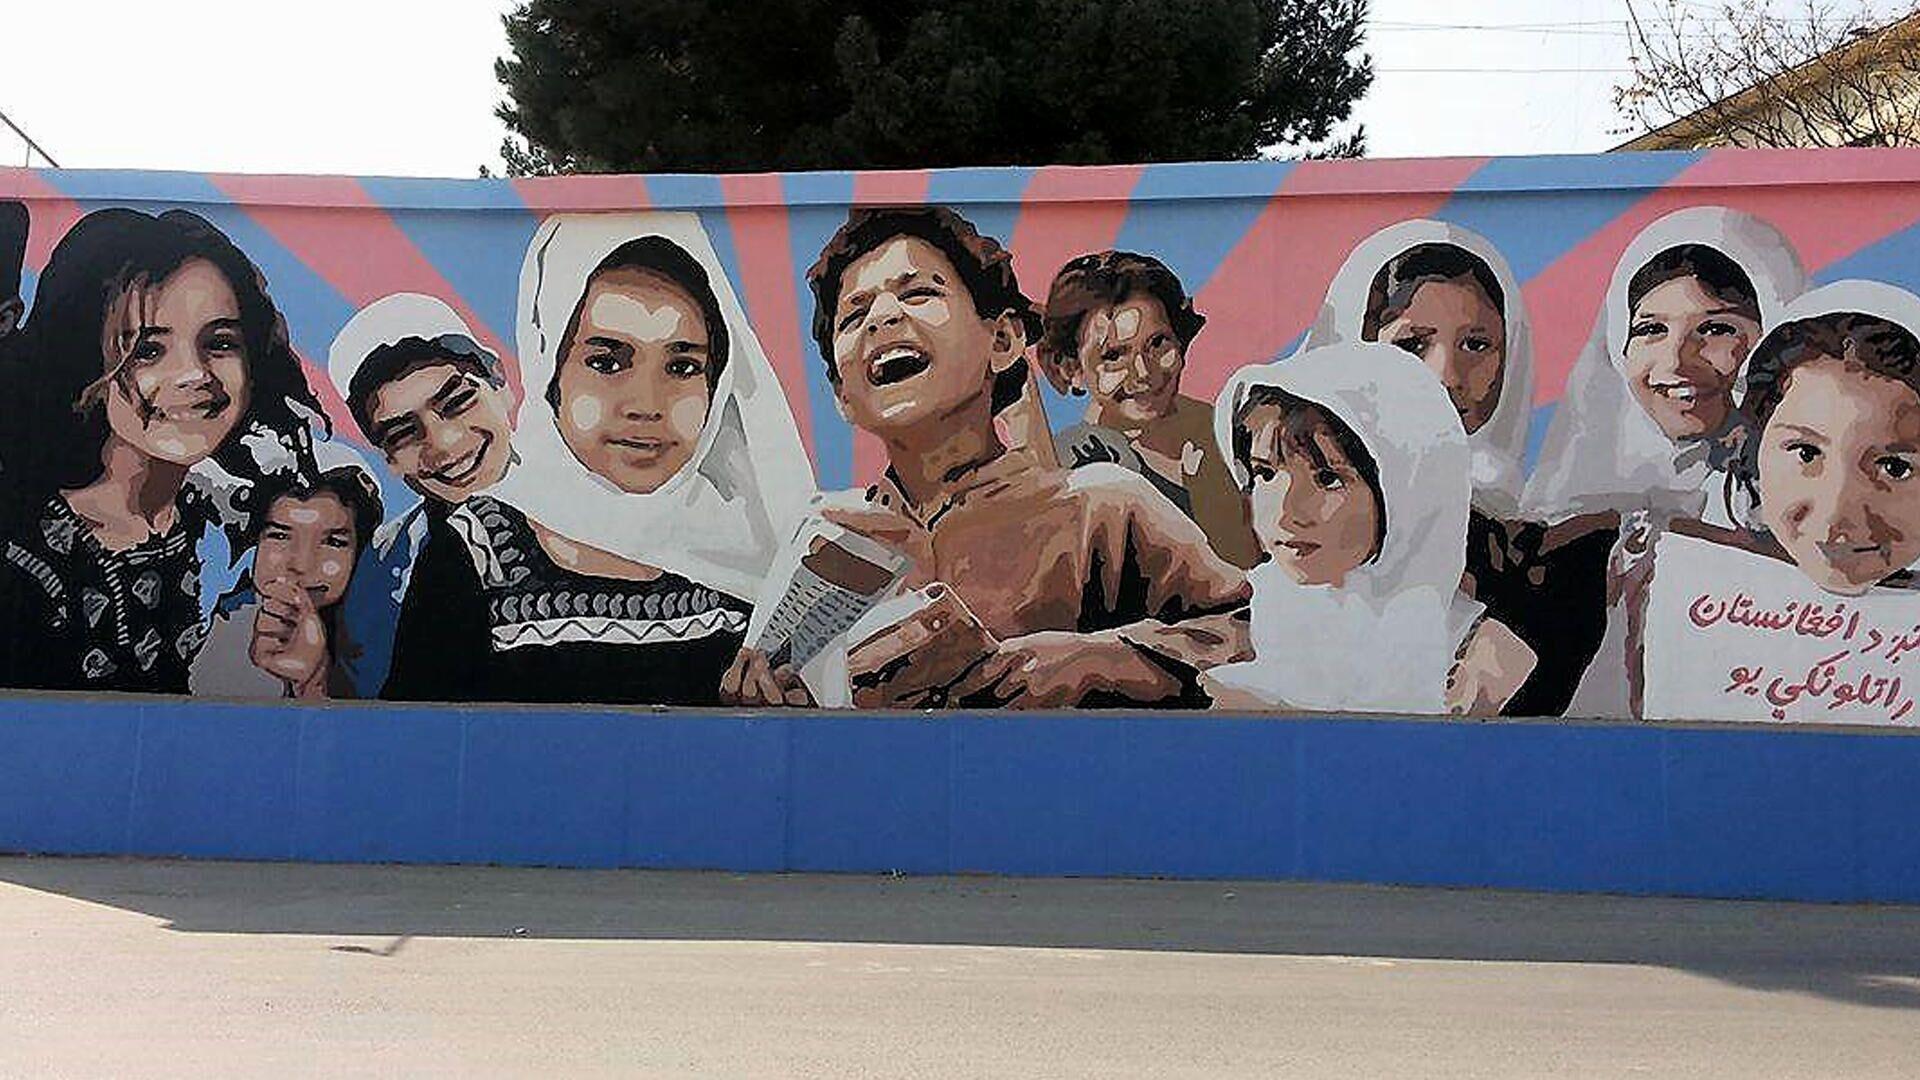 Murales del collettivo Artlords a Kabul - Sputnik Italia, 1920, 10.09.2021